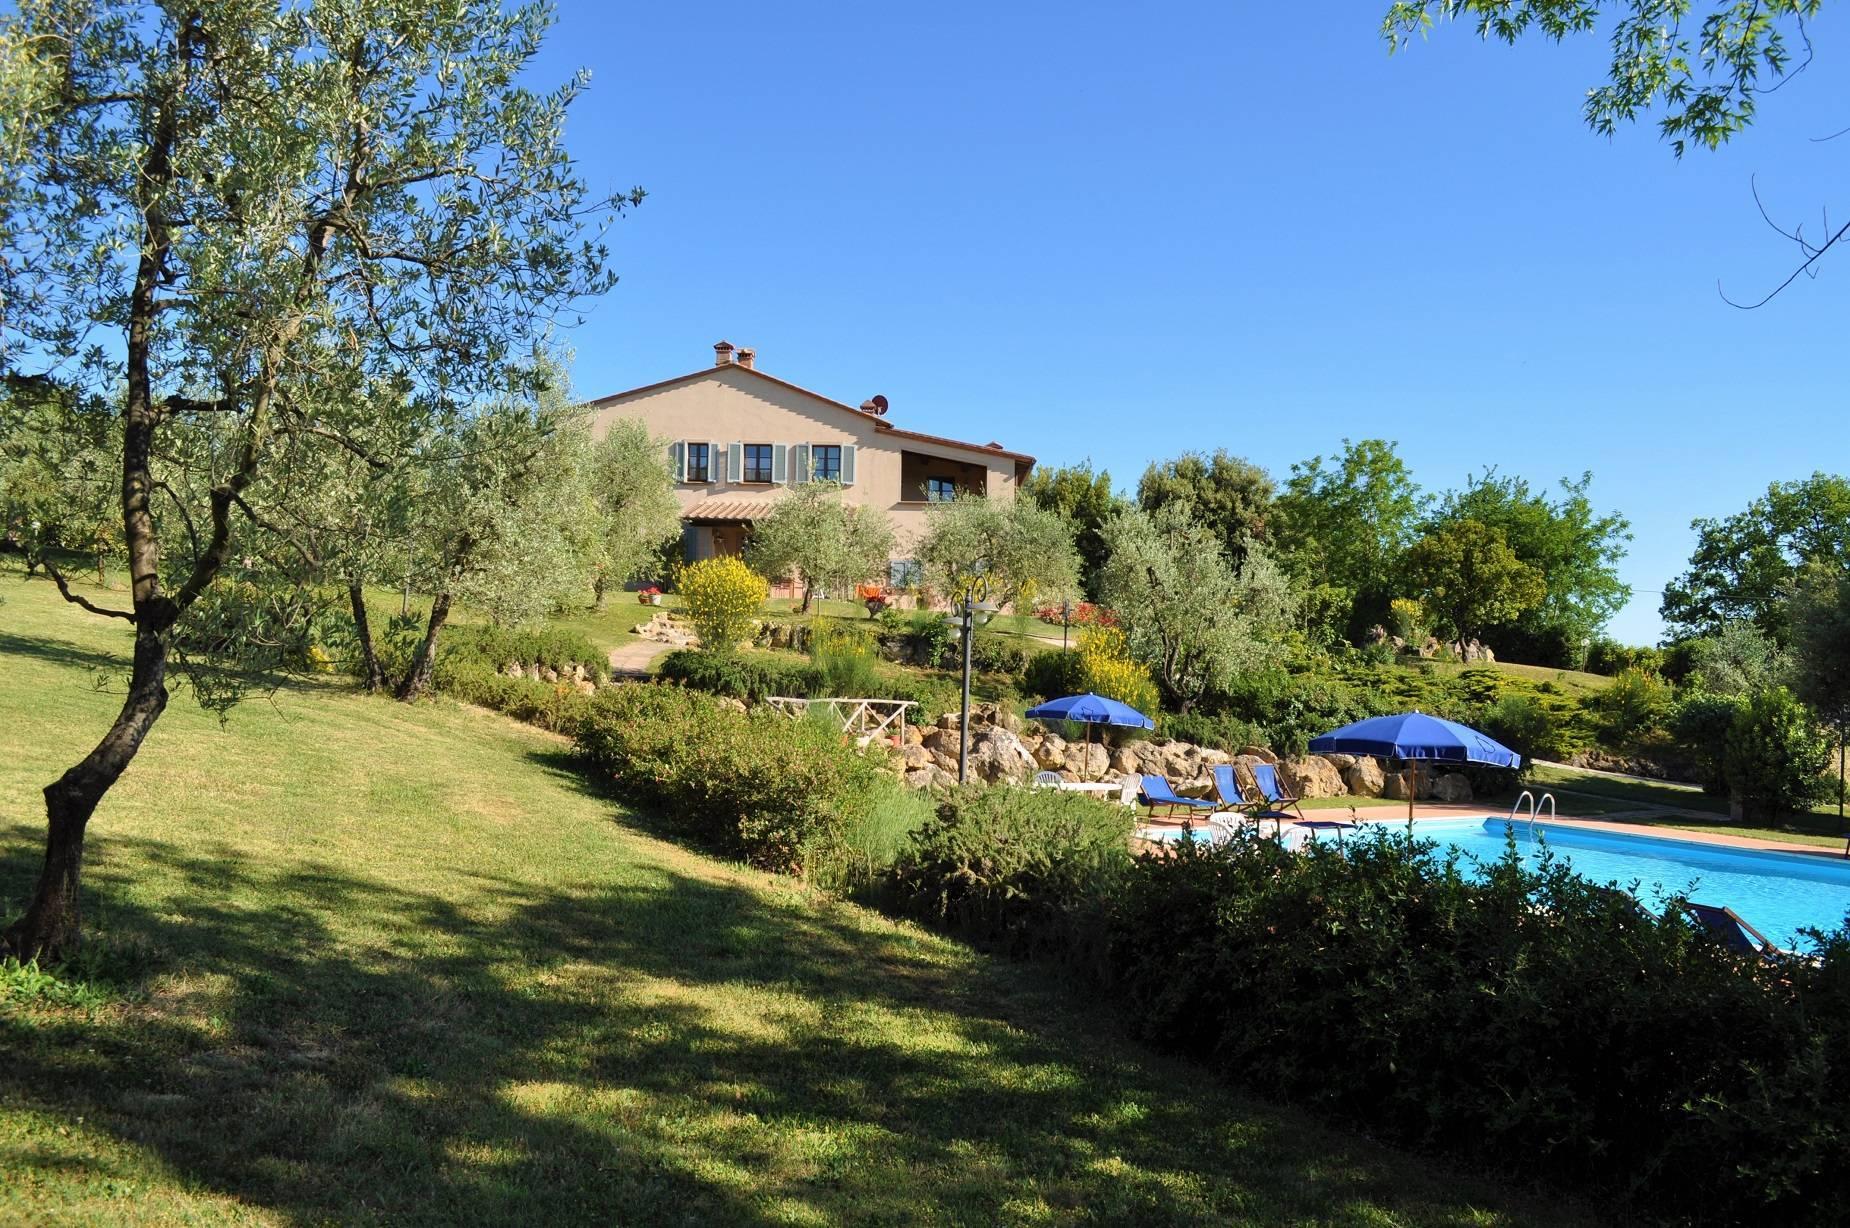 casale-pool-fereinhaus-toskana.jpg